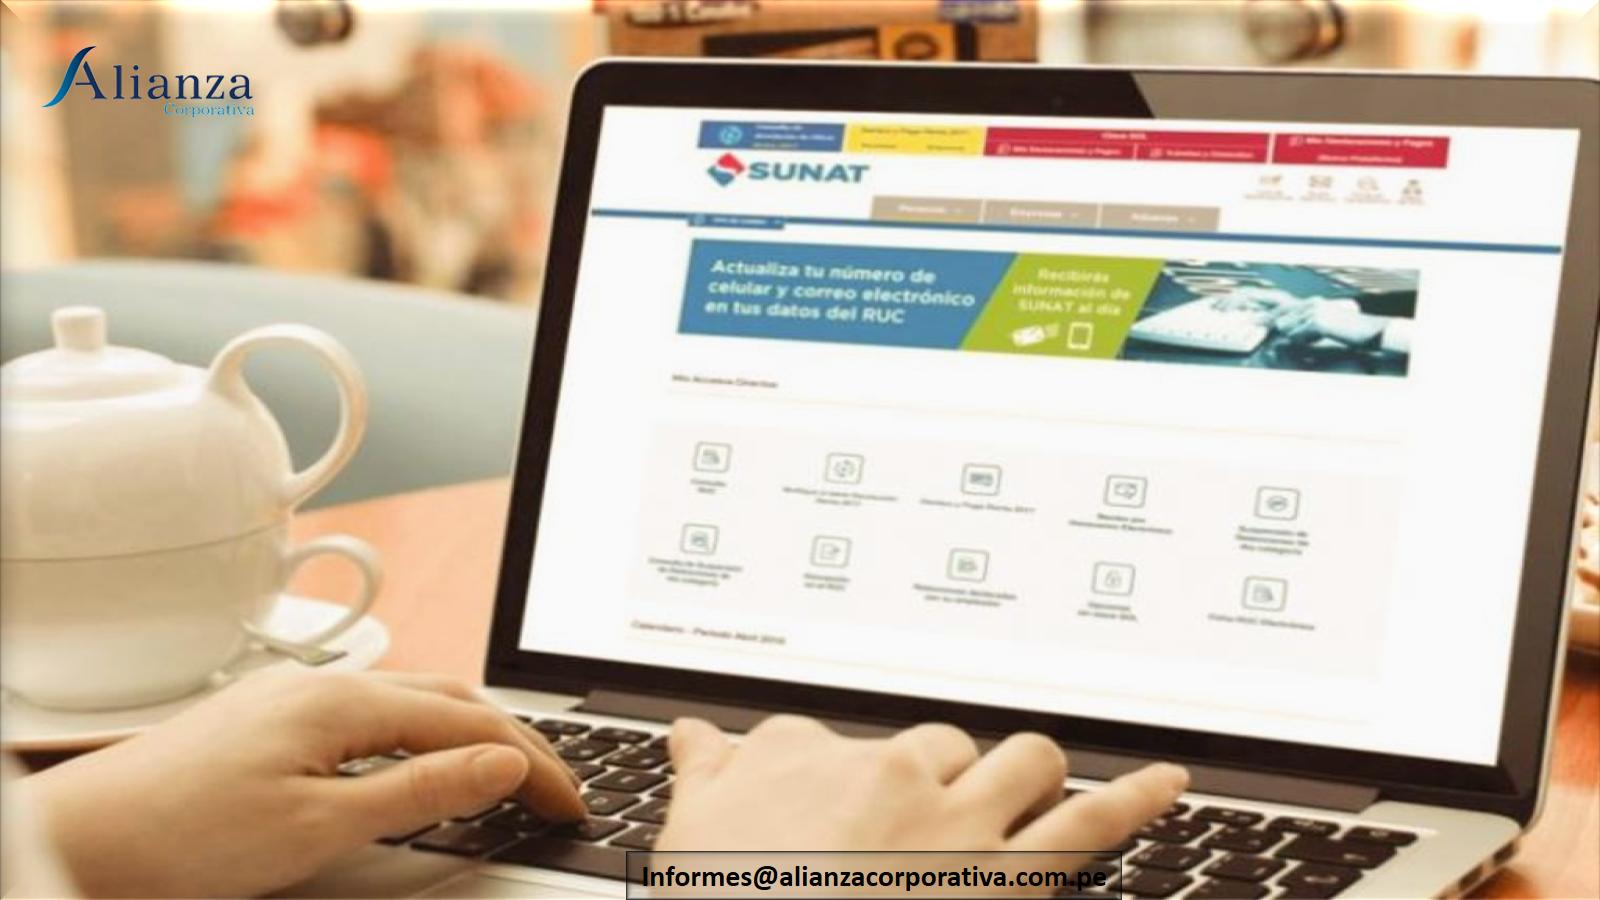 Sunat: Bancos reportarán en setiembre información de cuentas por encima de S/ 30,800